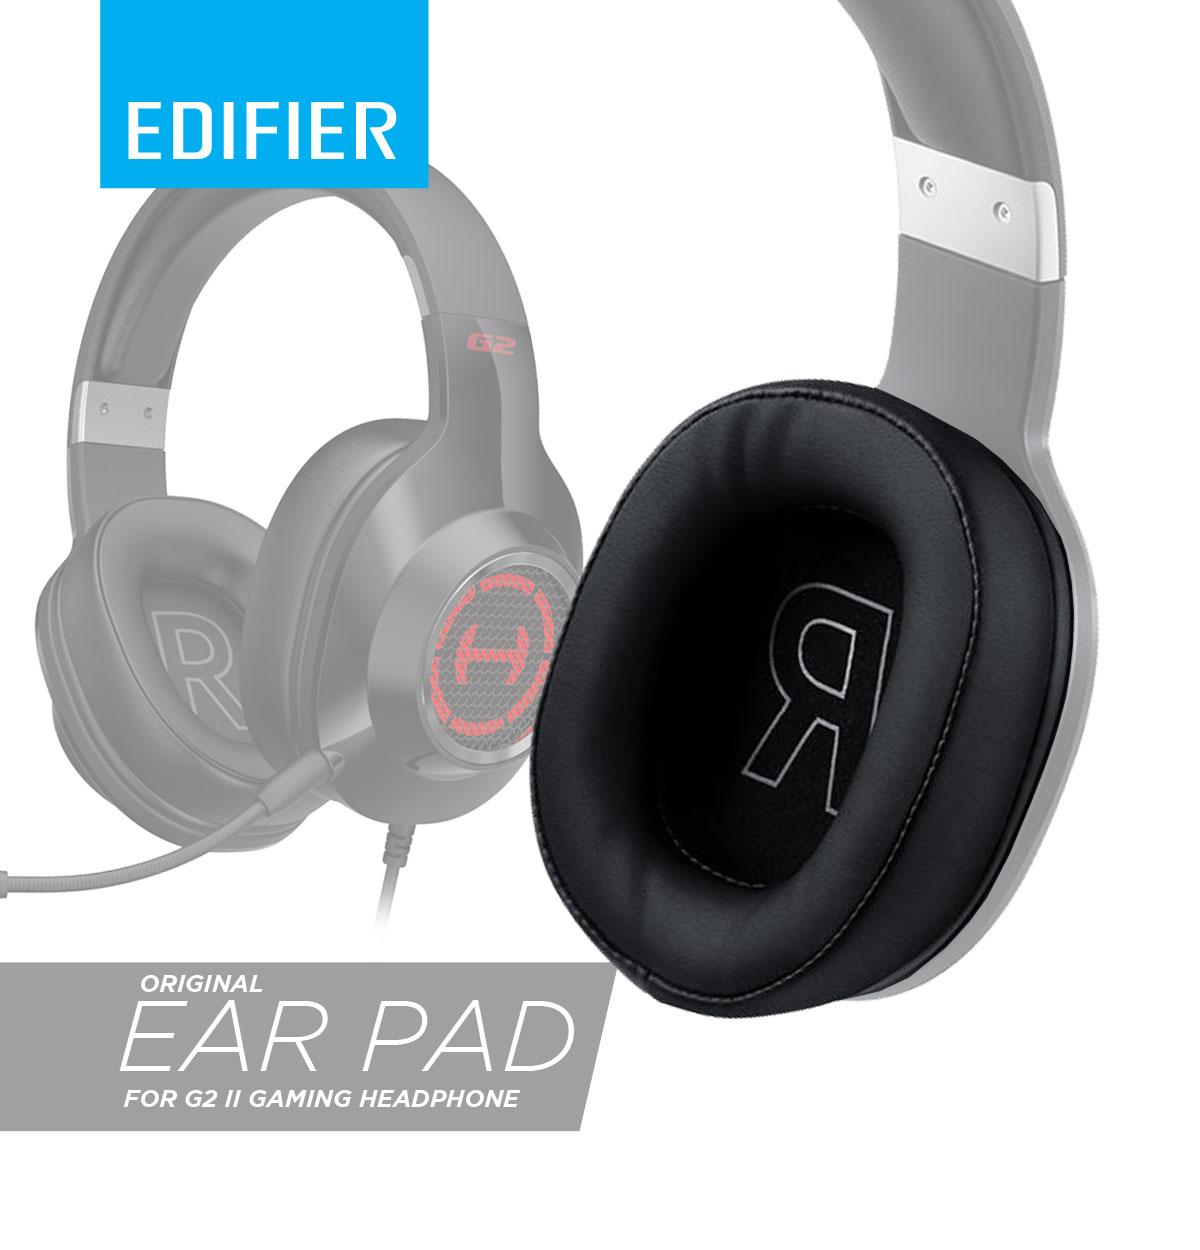 Edifier G2II Ear Pad